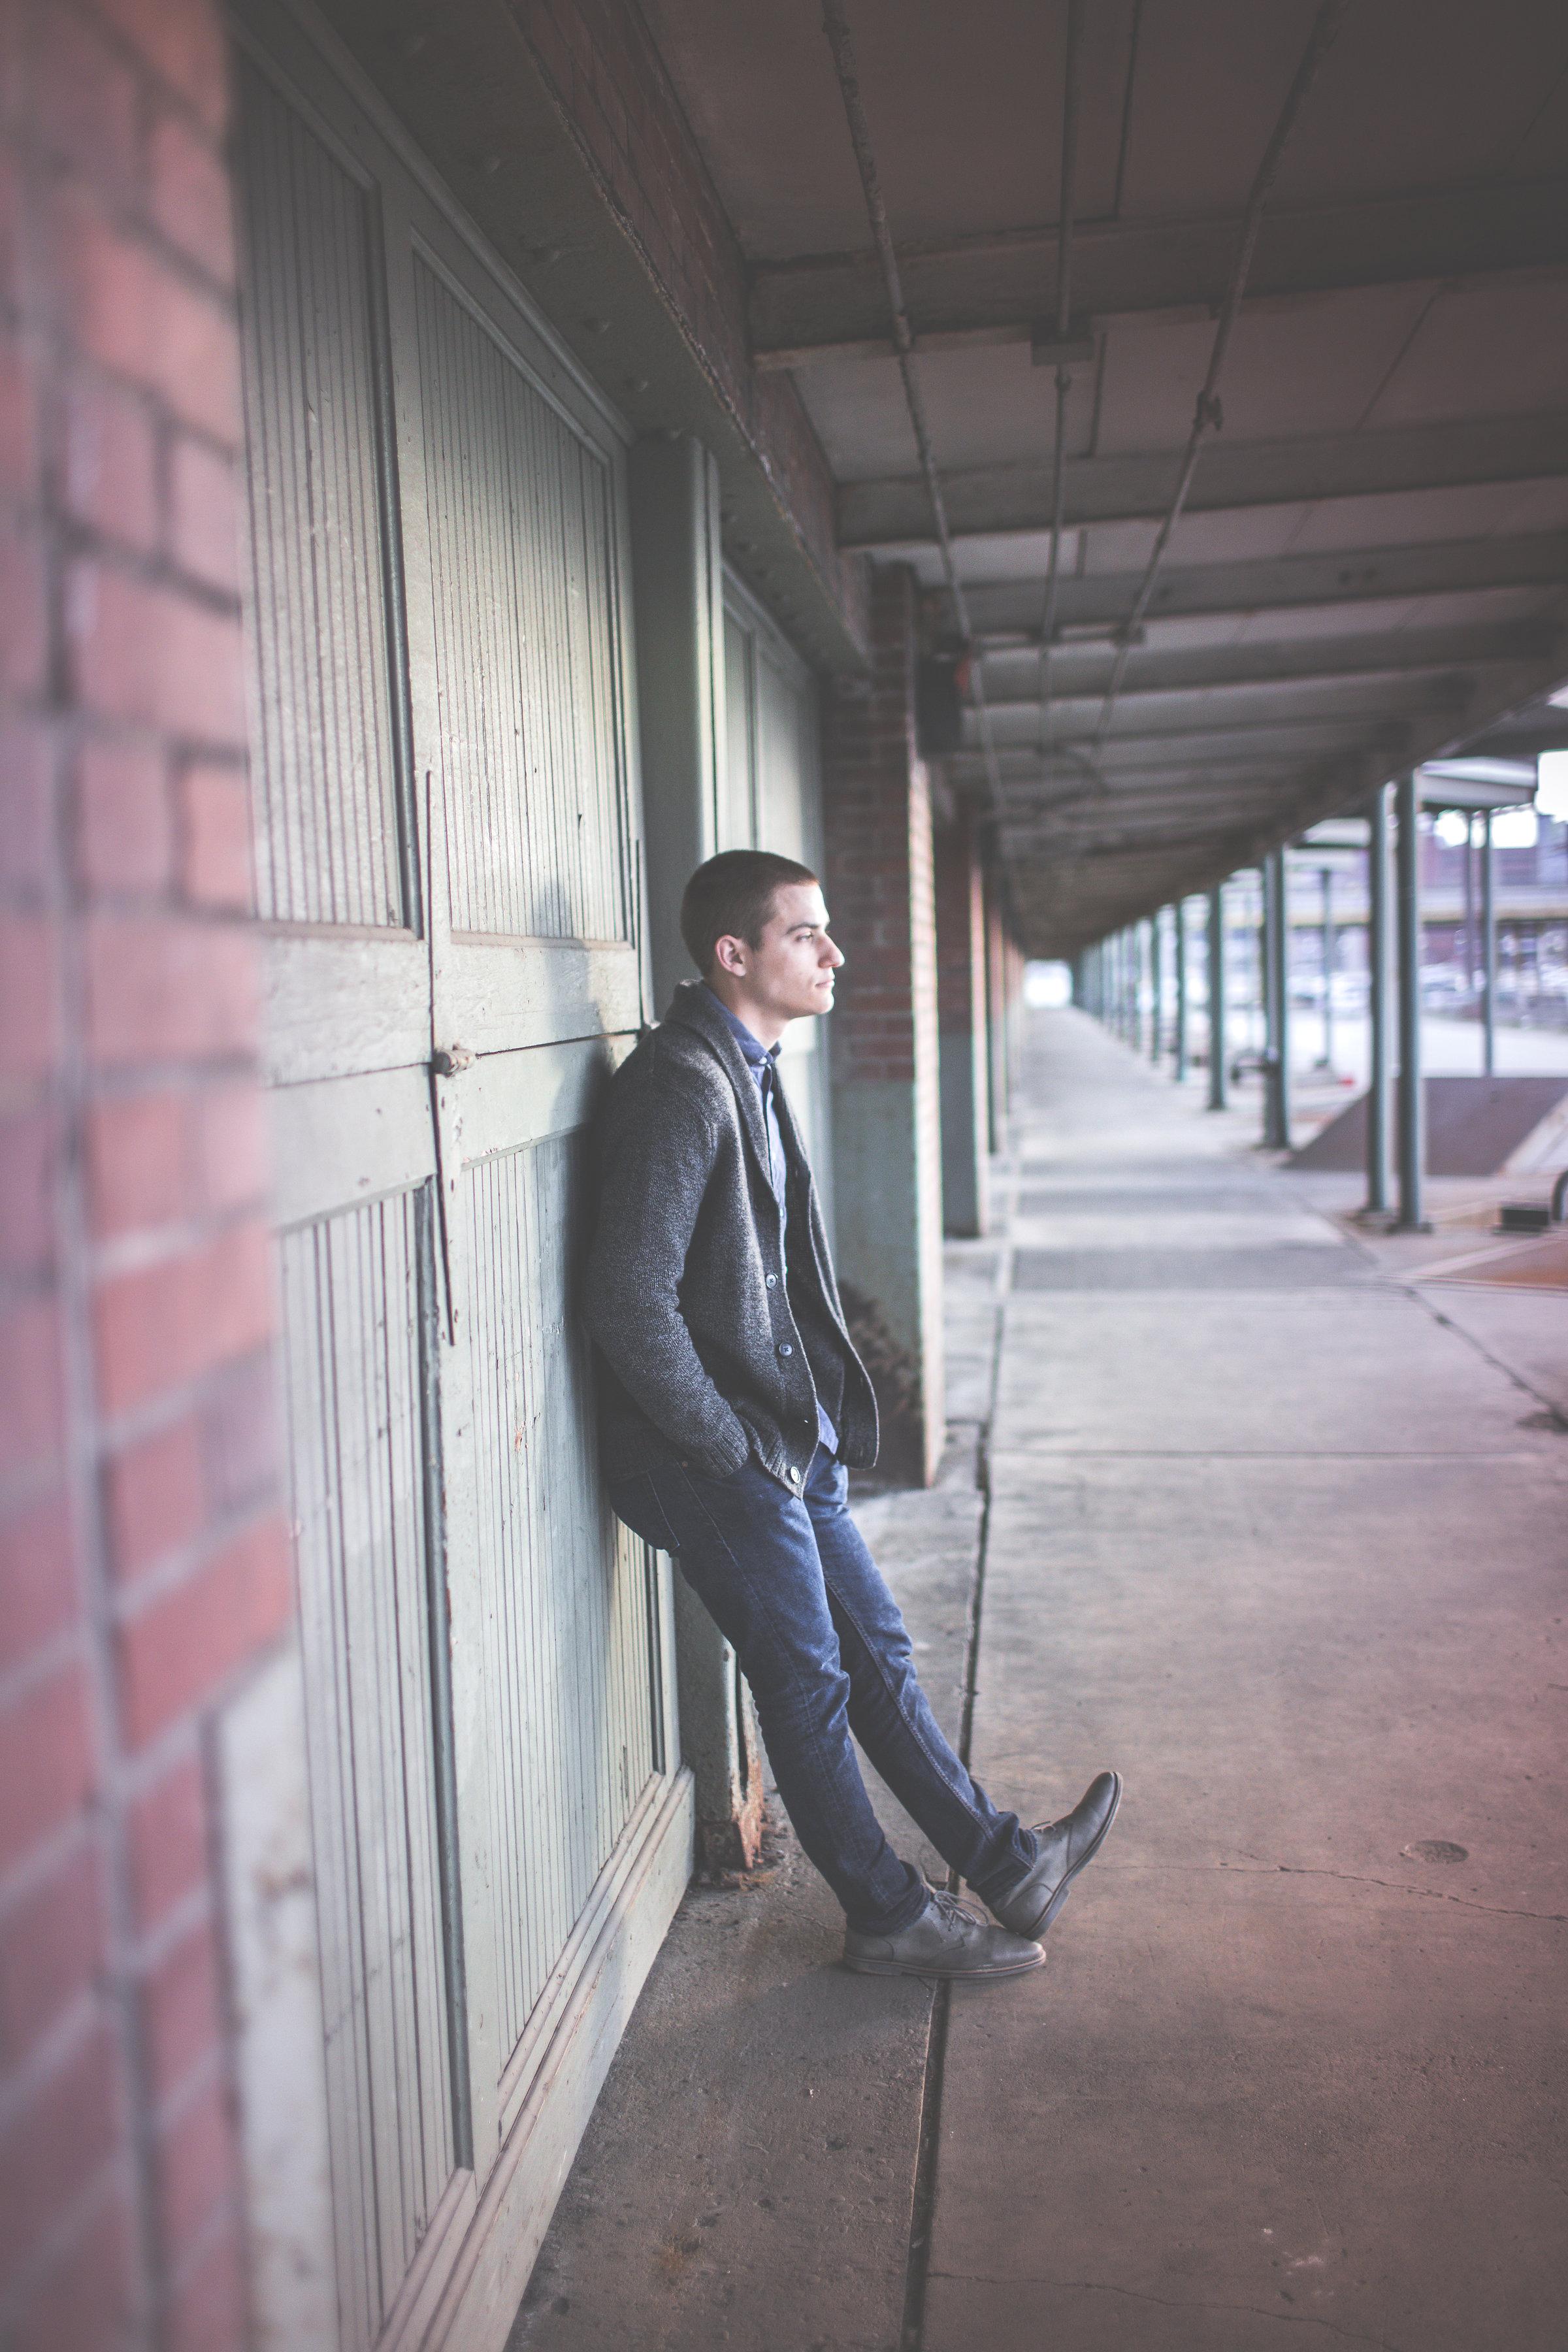 photo credit: @katieweberphotography